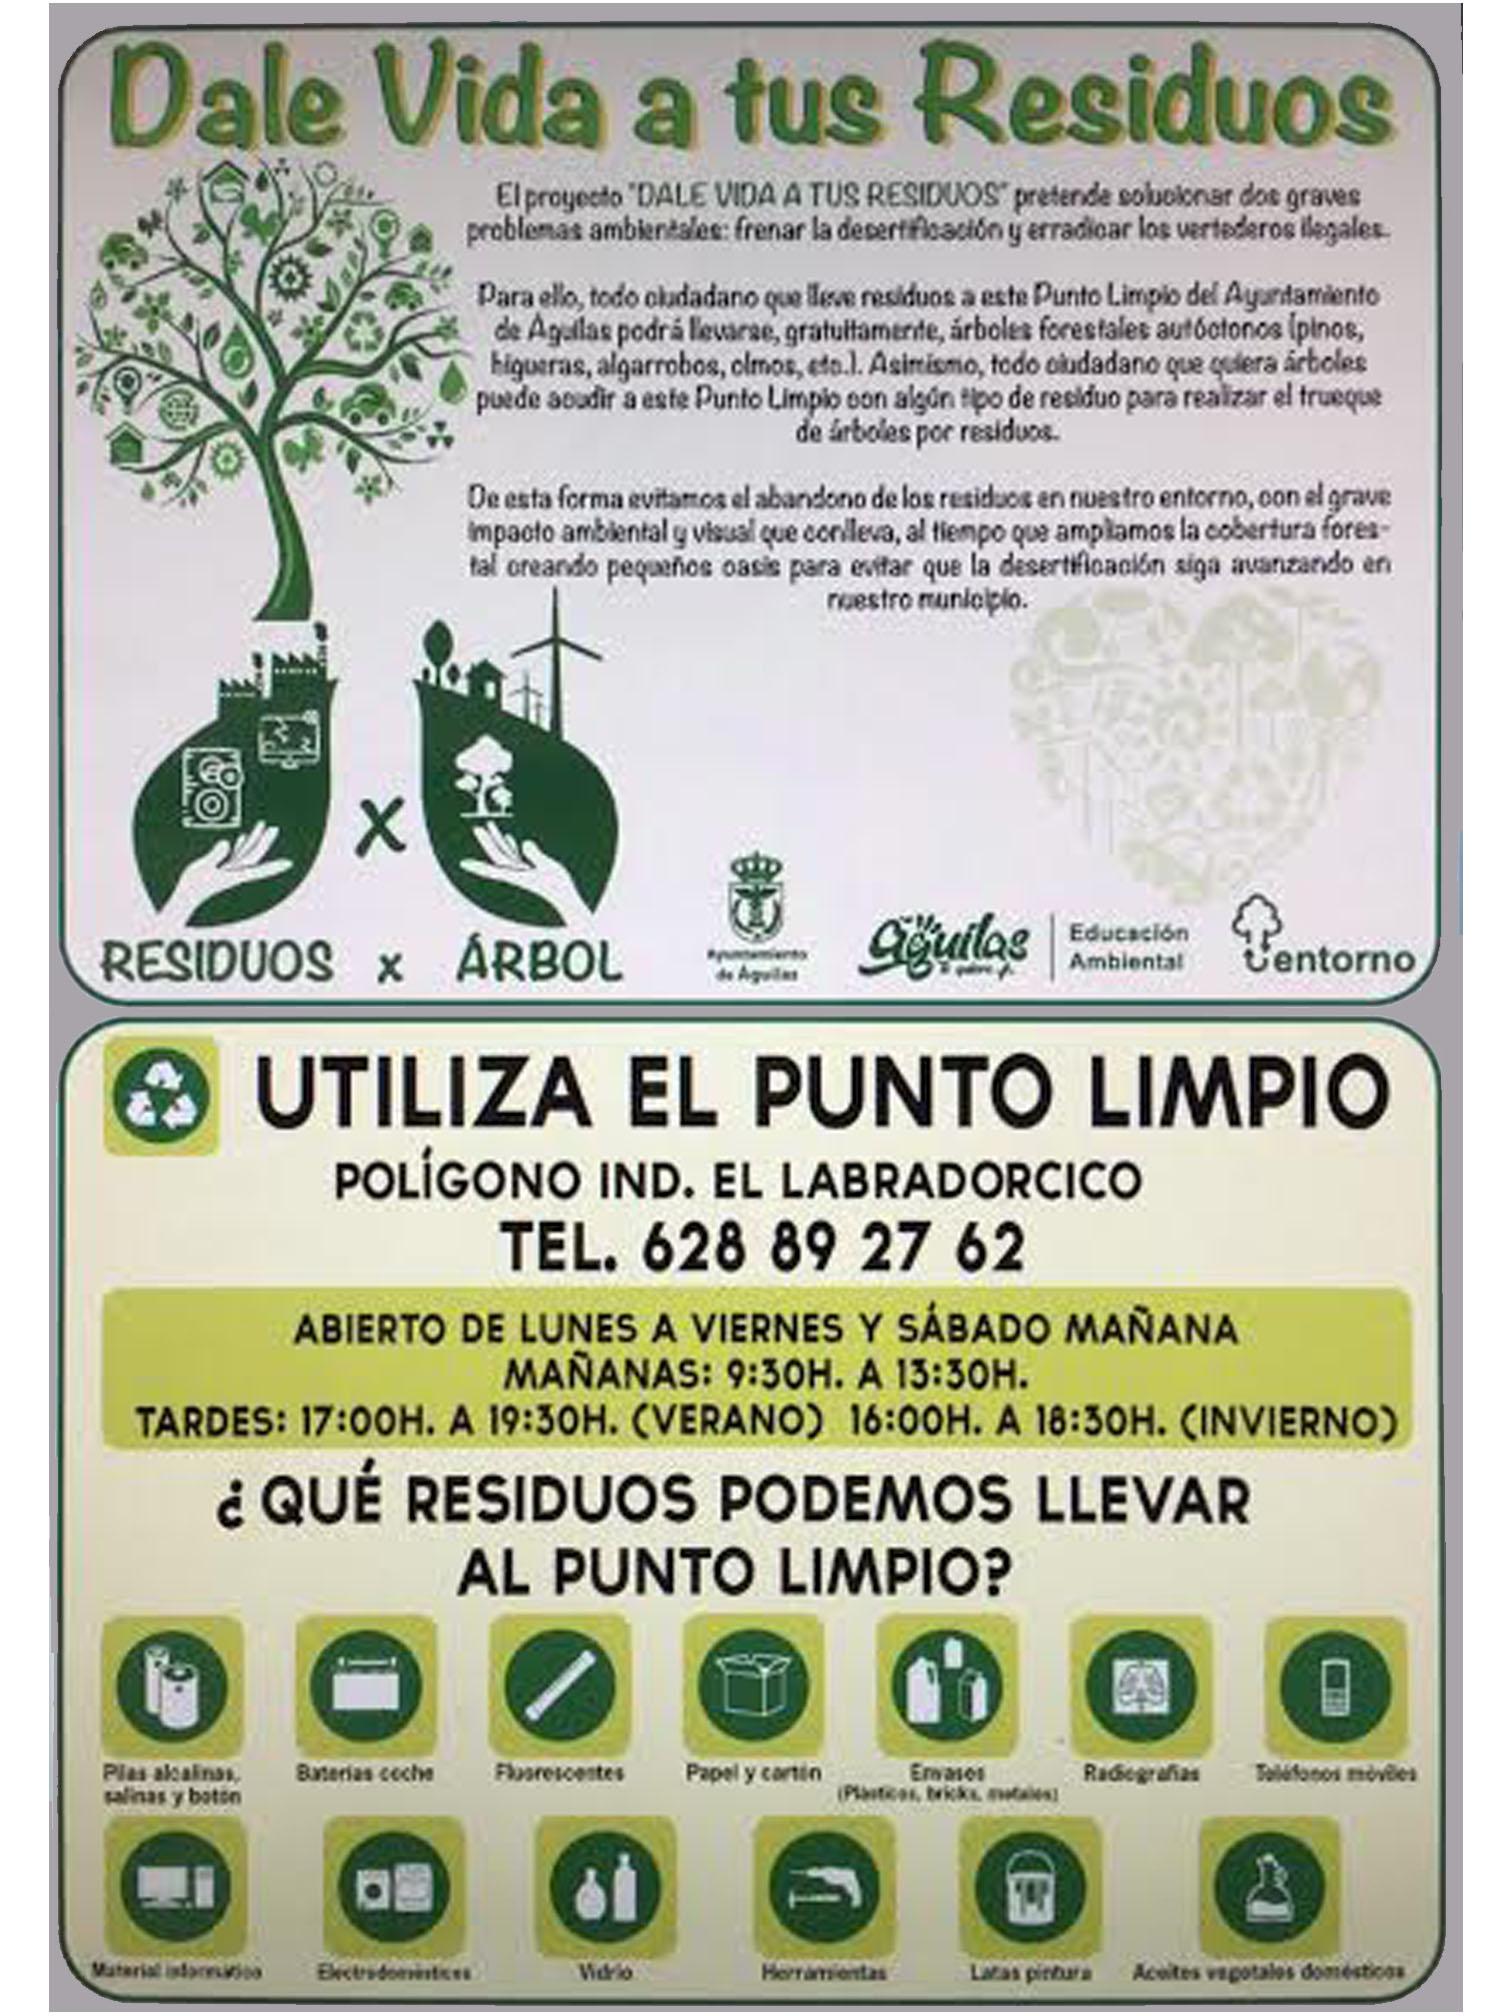 Cartel informativo sobre el Punto Limpio y la campaña 'Dale vida a tus residuos'. Imagen: Ayto. de Águilas